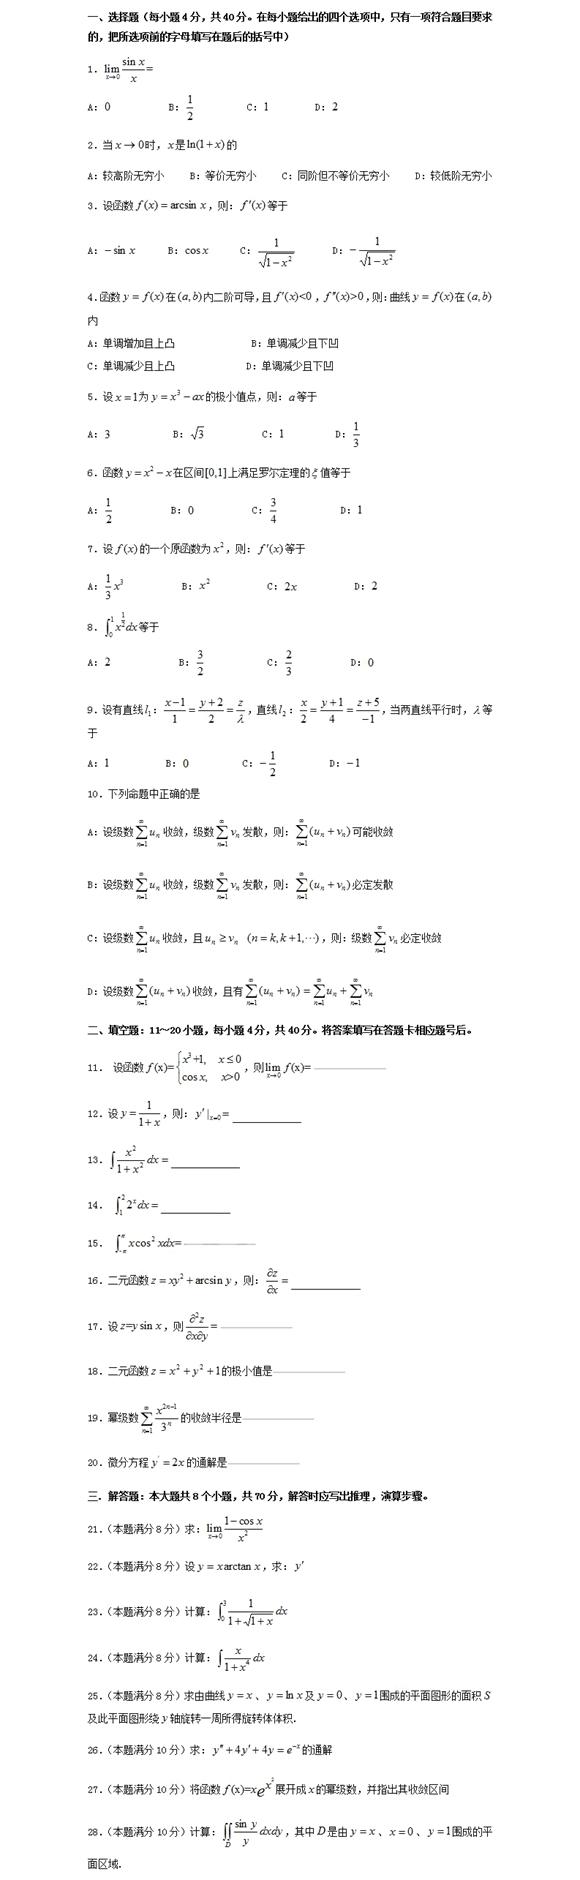 2019成人高考专升本《高数》常考试题(9)